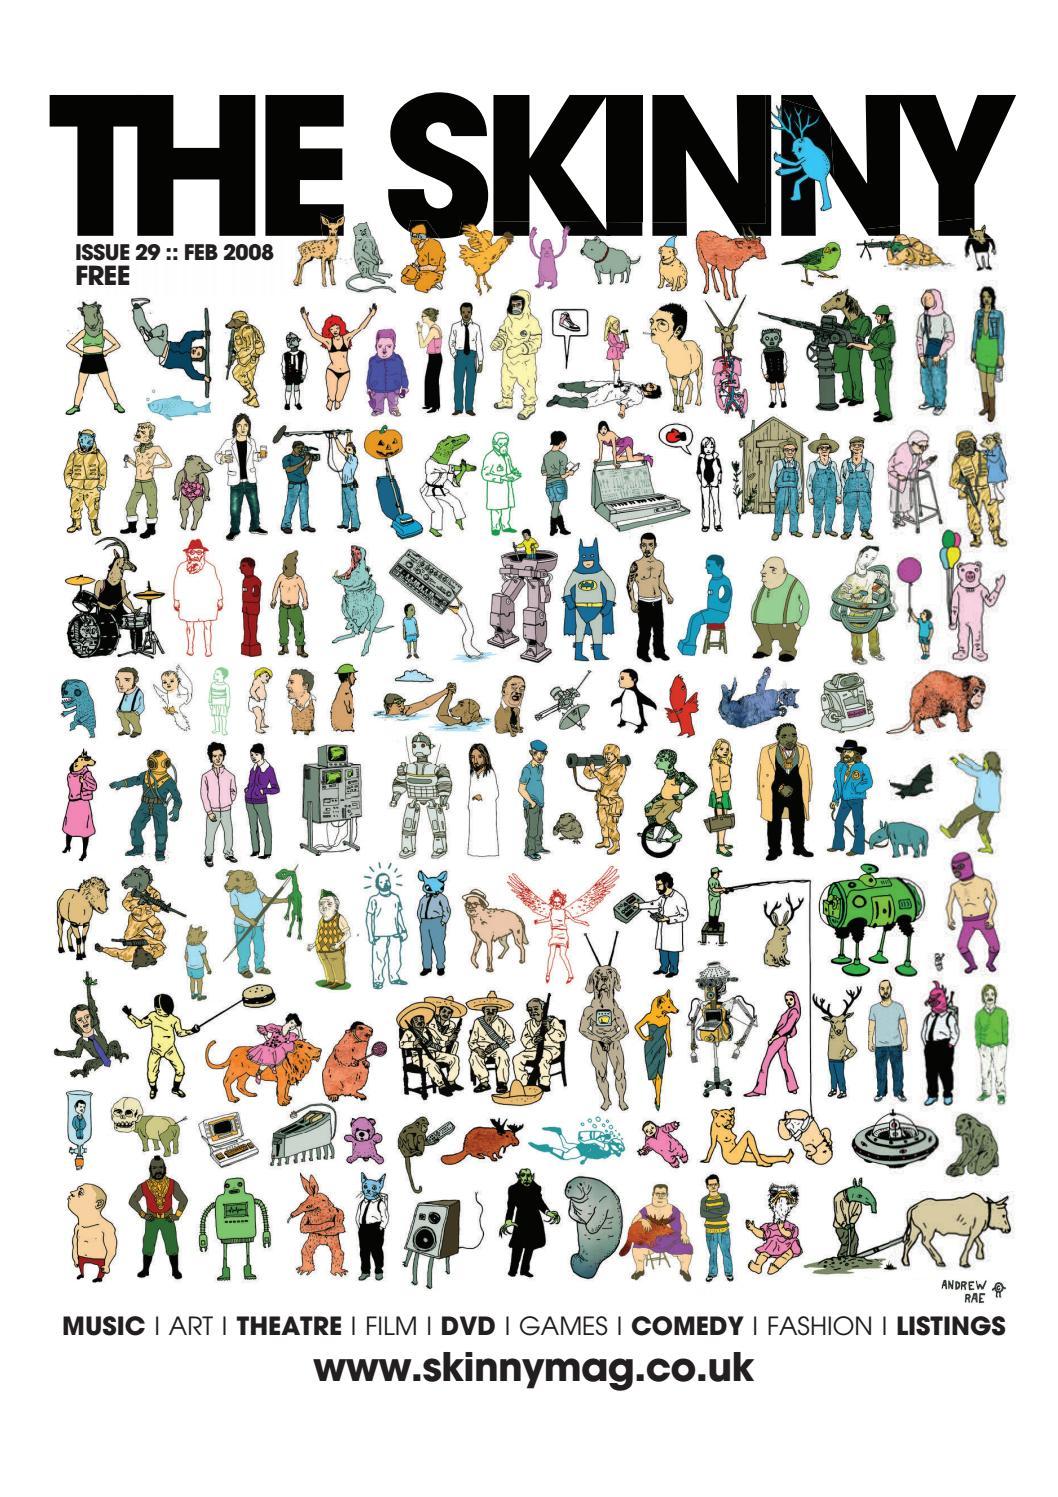 6abc64263 The Skinny February 2008 by The Skinny - issuu